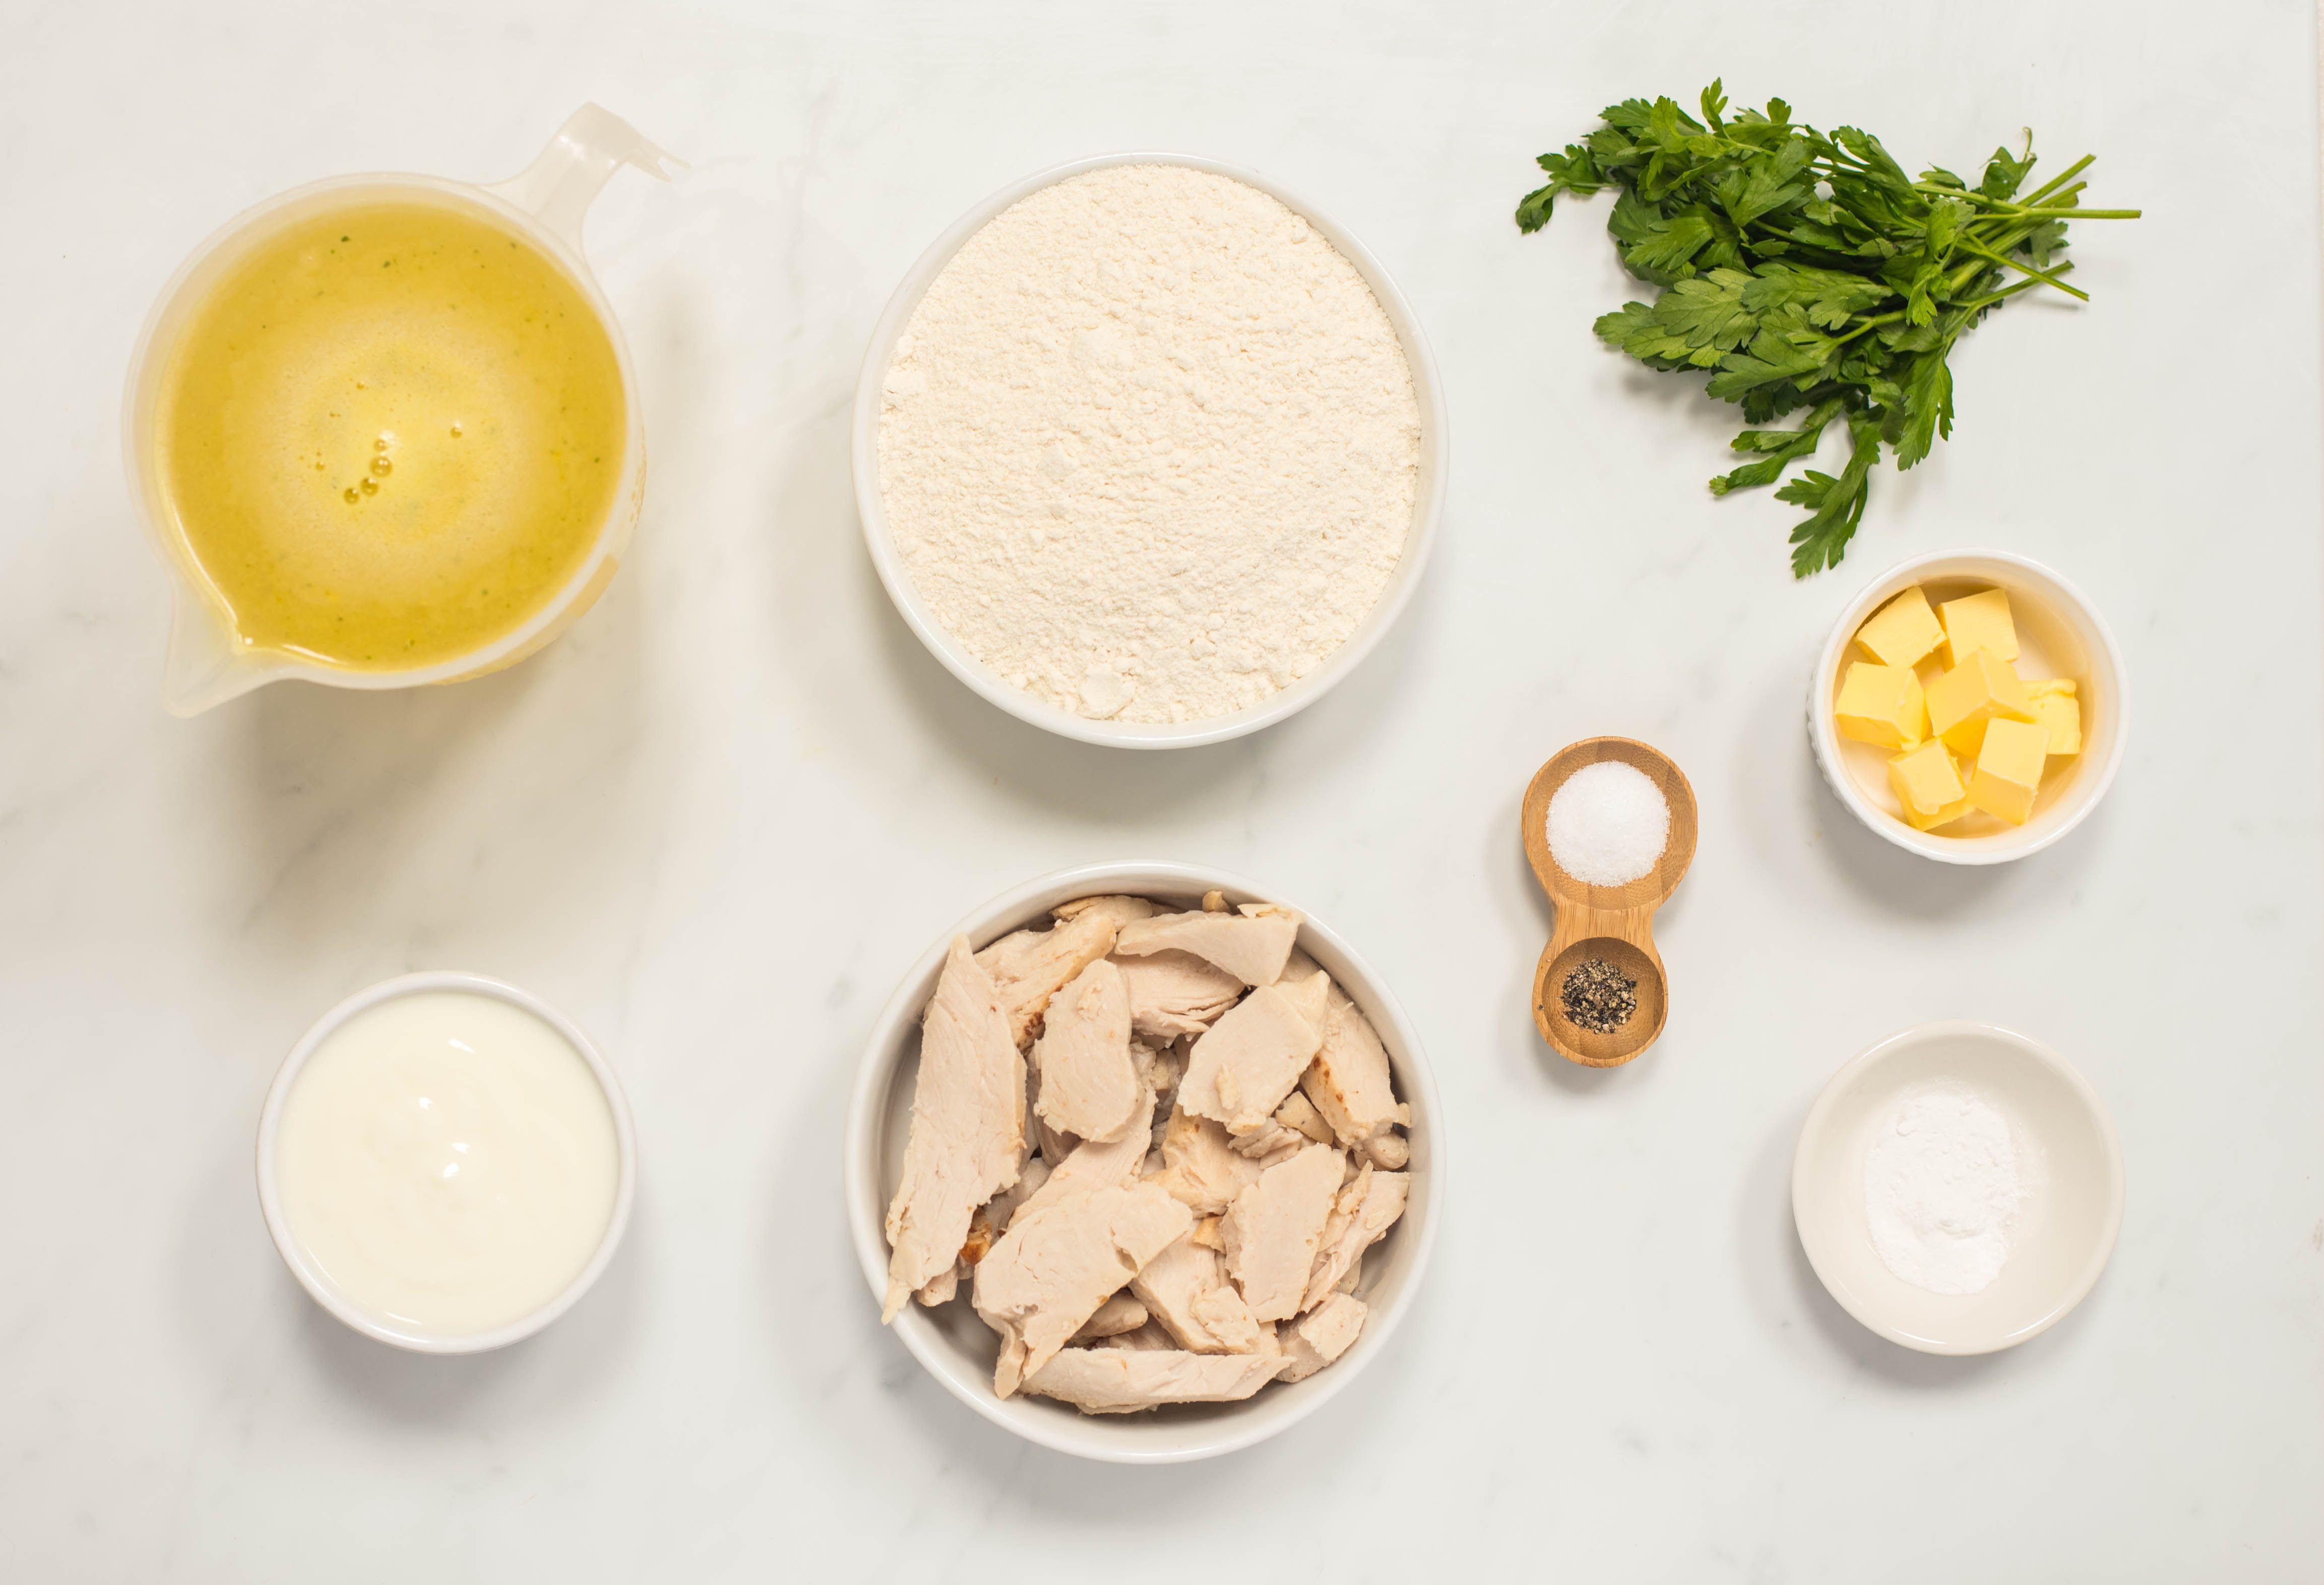 Ingredients for turkey and dumplings